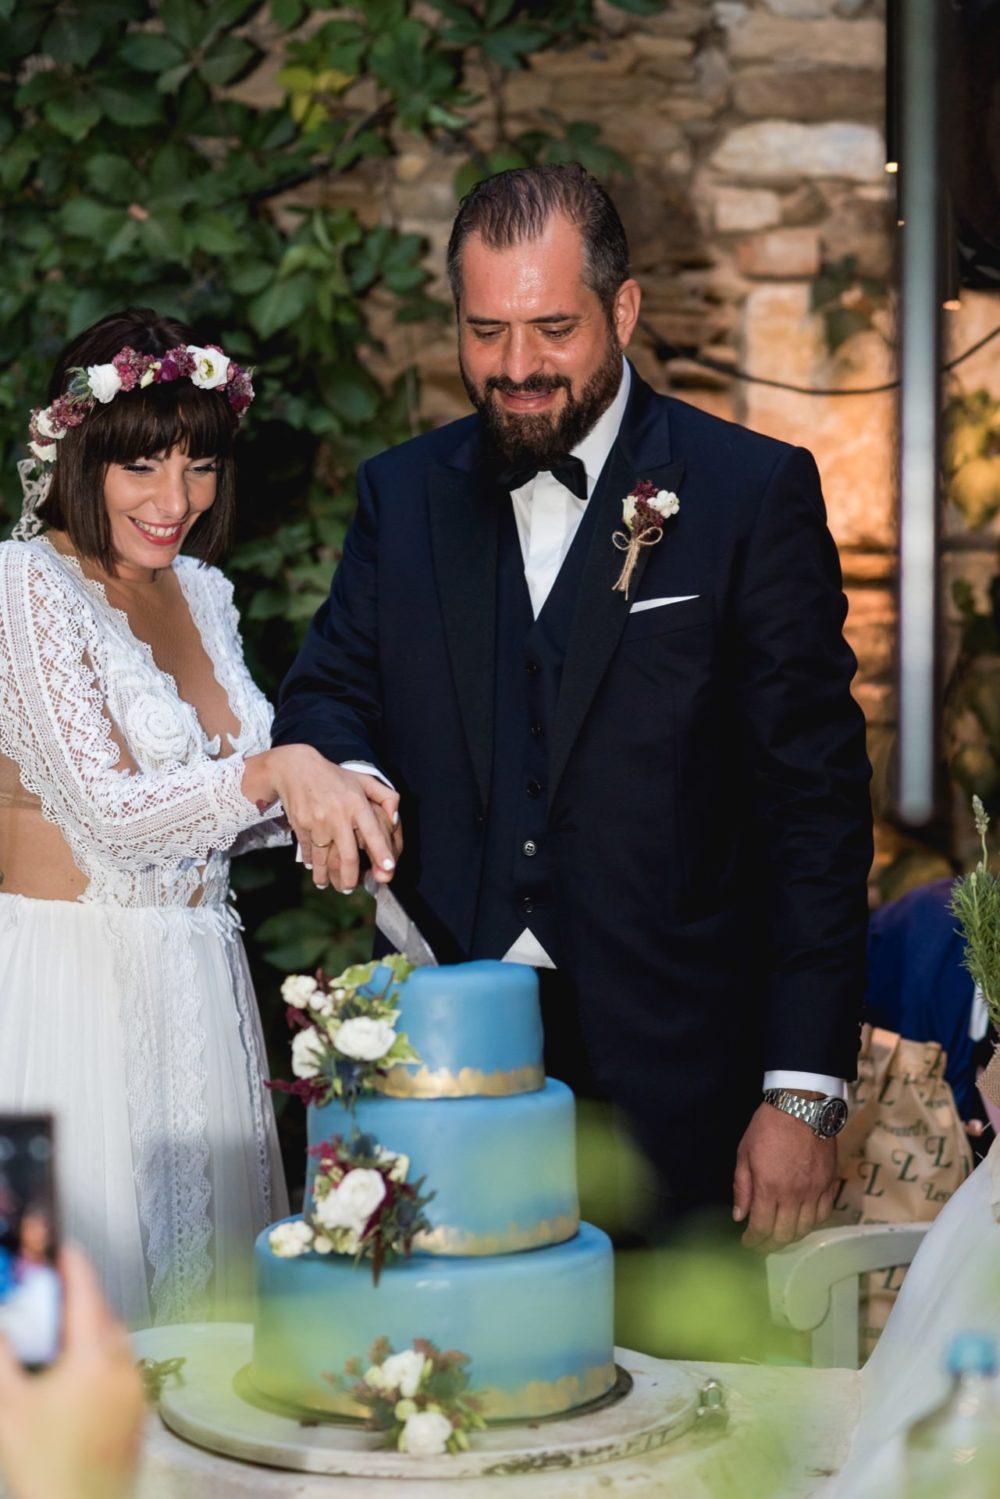 Fotografisi Gamou Wedding Gamos Fotografos Alekos & Mania142